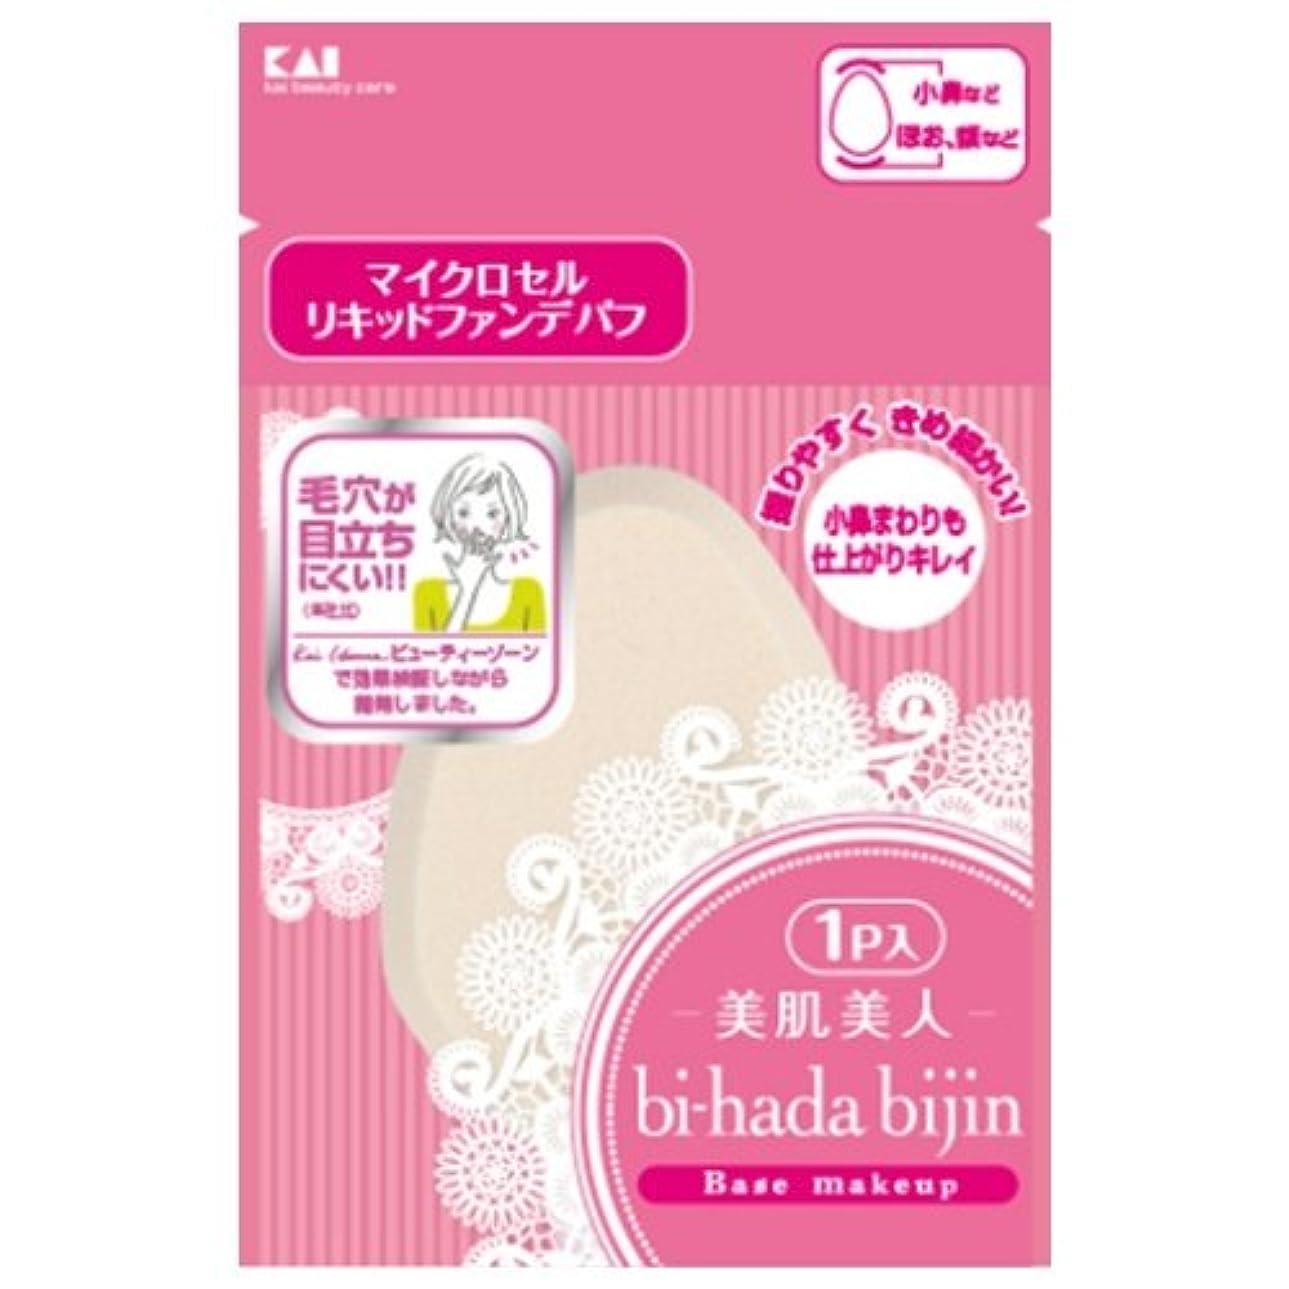 ペンペレット凍るbi-hadaリキッドファンデーションパフ1P KQ3055